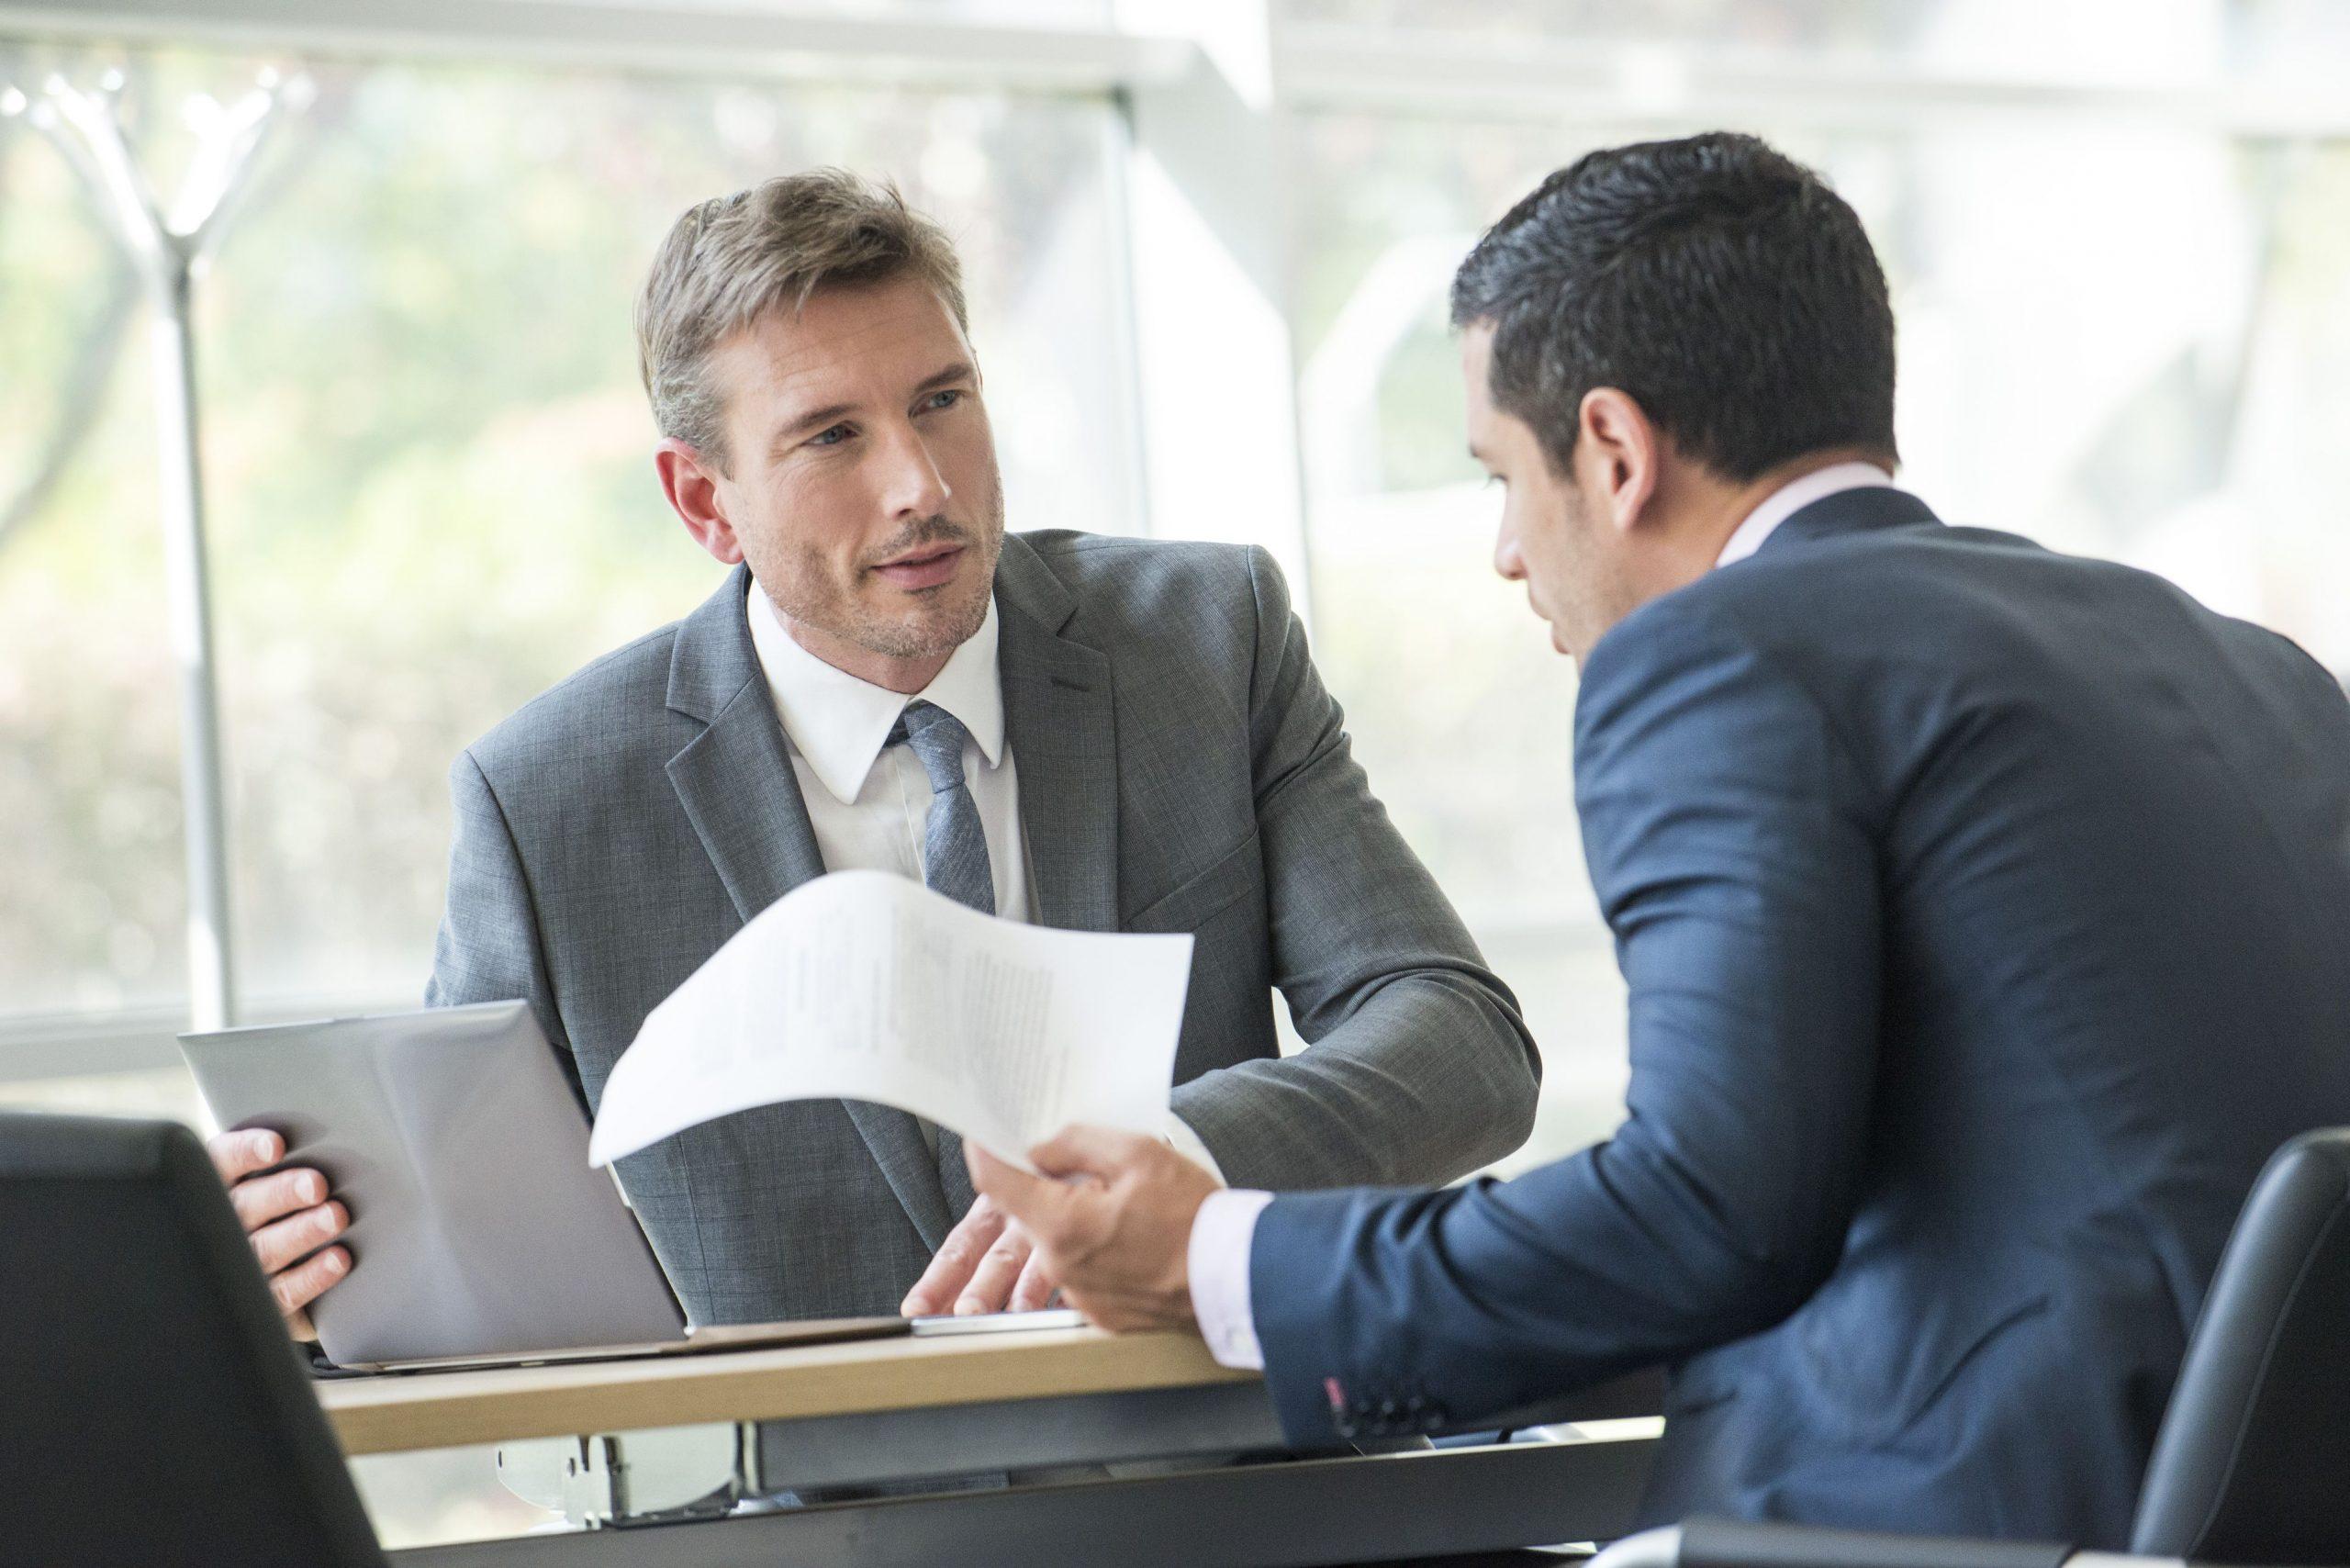 Training Lobbying and Negotiation Skills